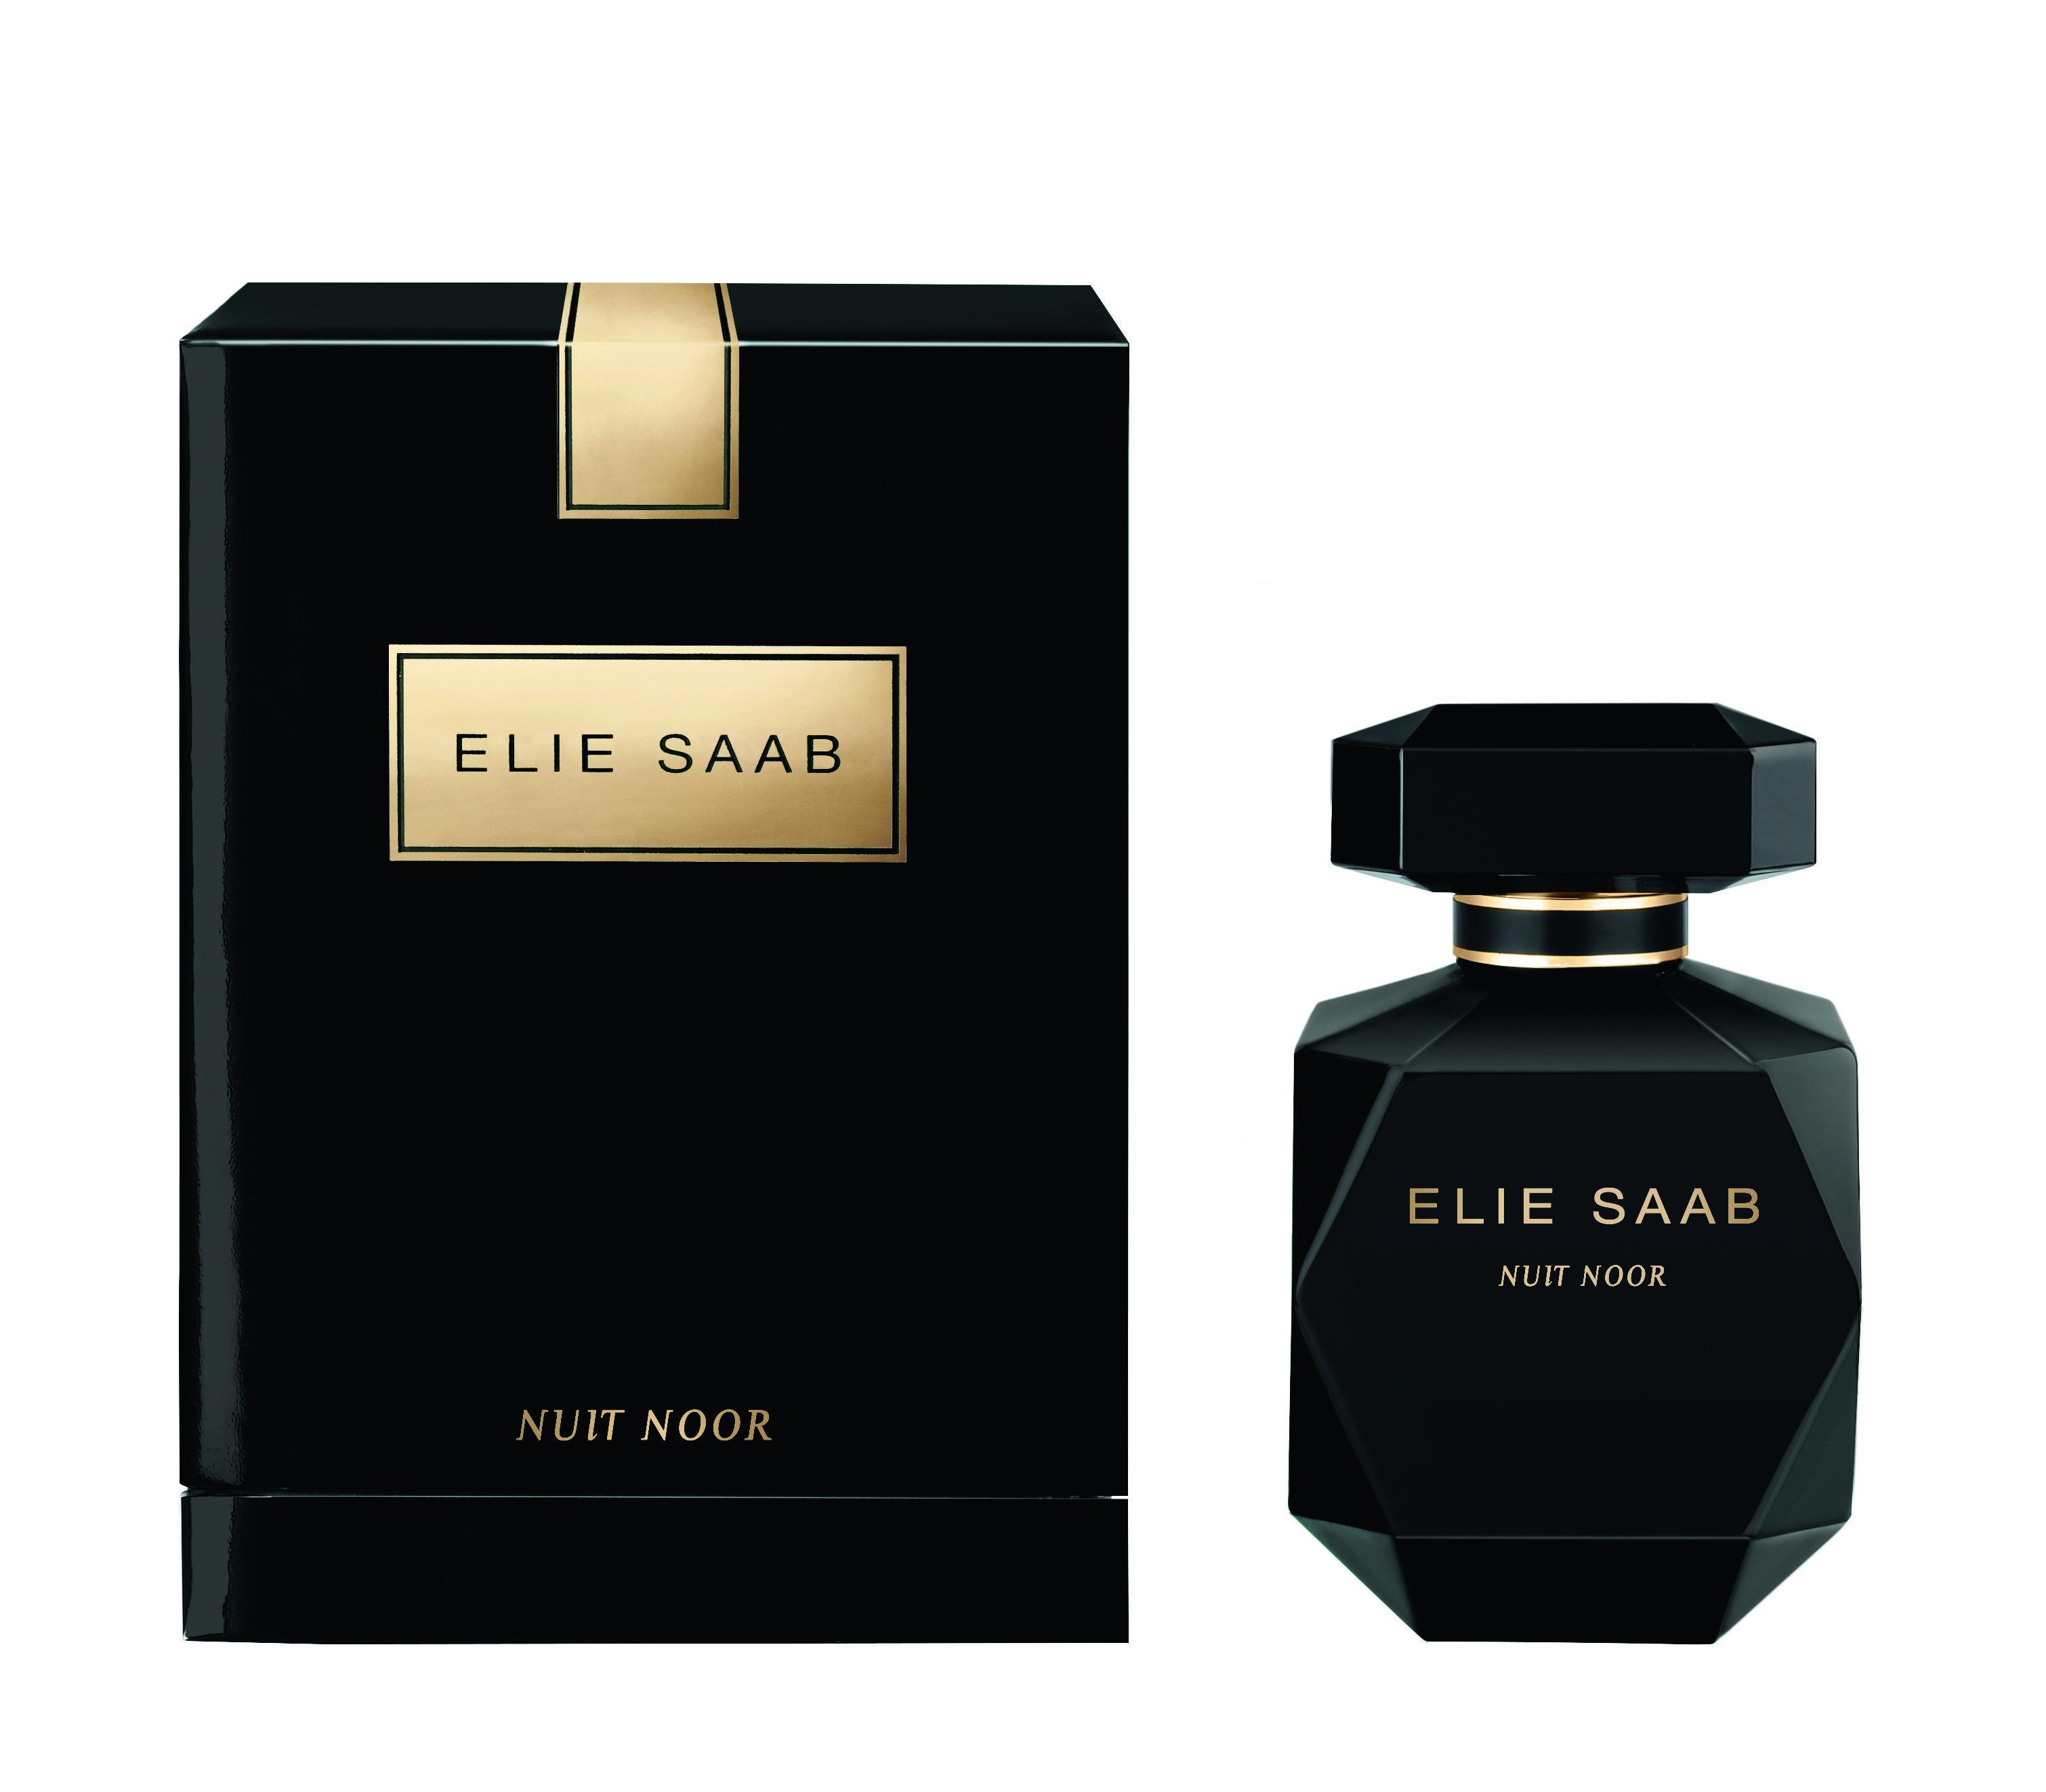 Elie Saab Nuit Noor Perfume Belleza